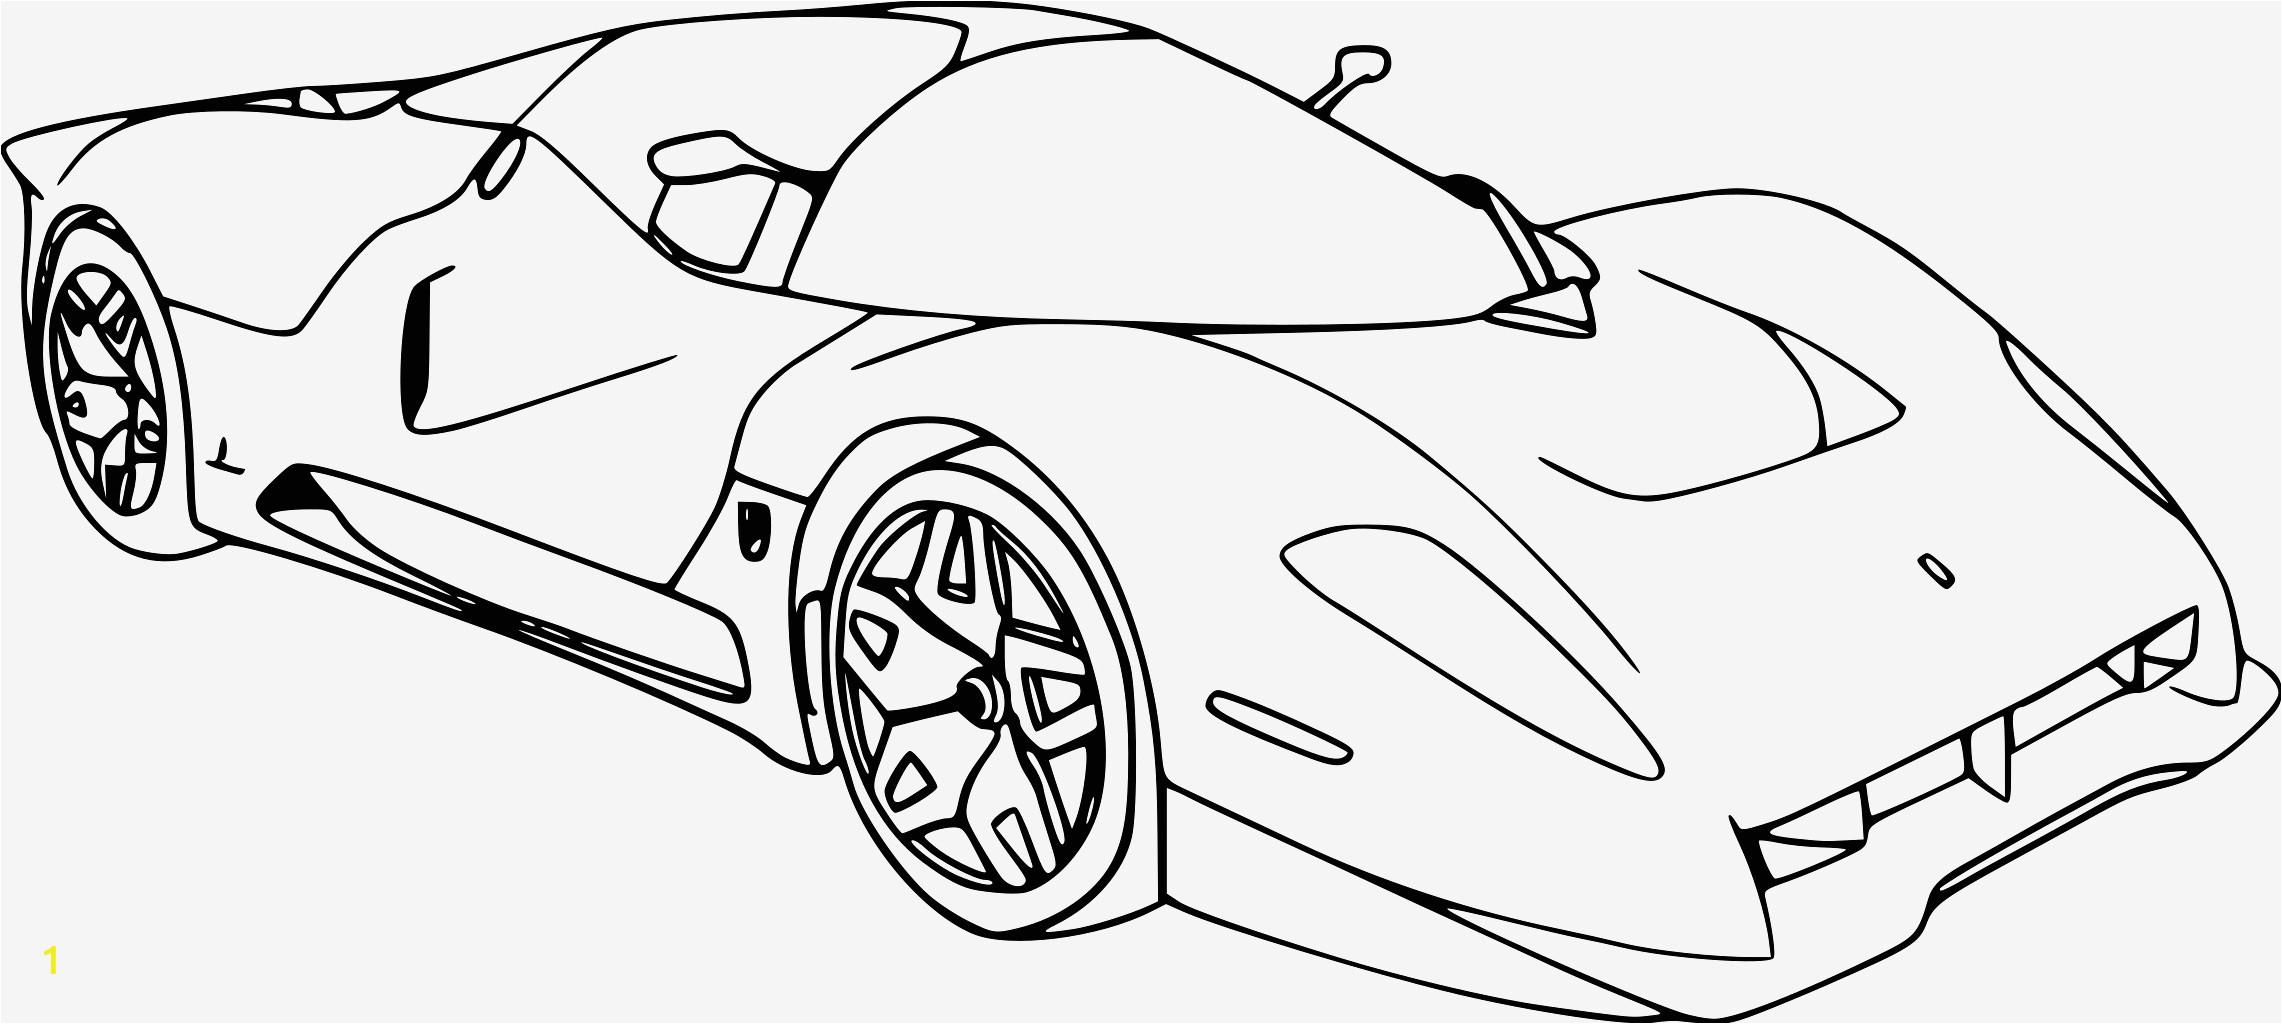 sports car coloring page unique images sports coloring pages princess best cars coloring best coloring of sports car coloring page